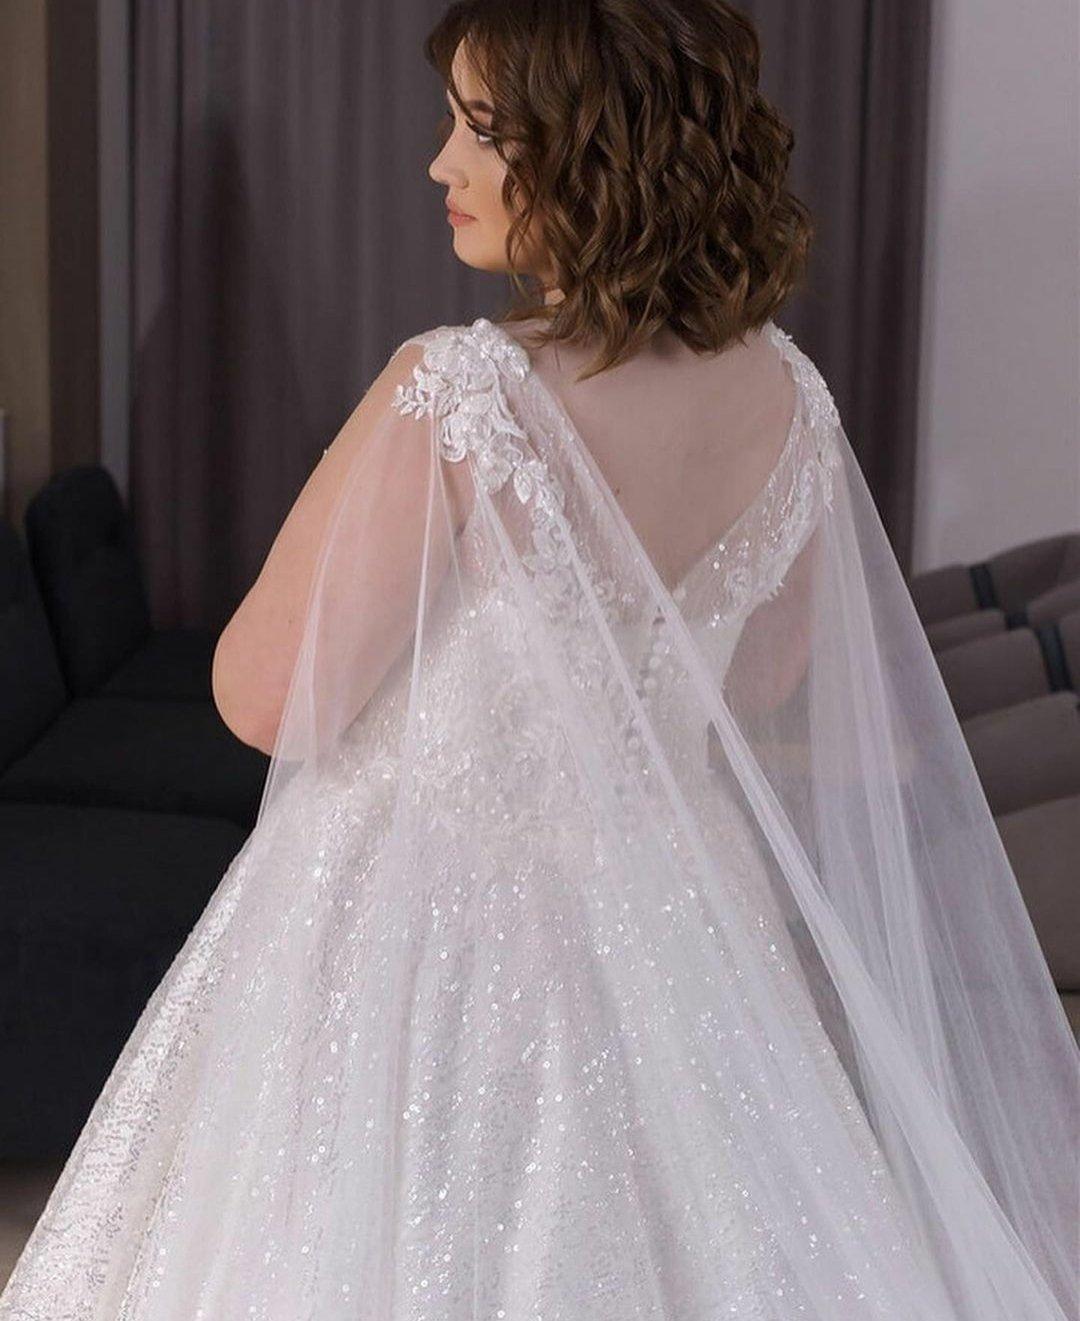 abiti da sposa taglie forti